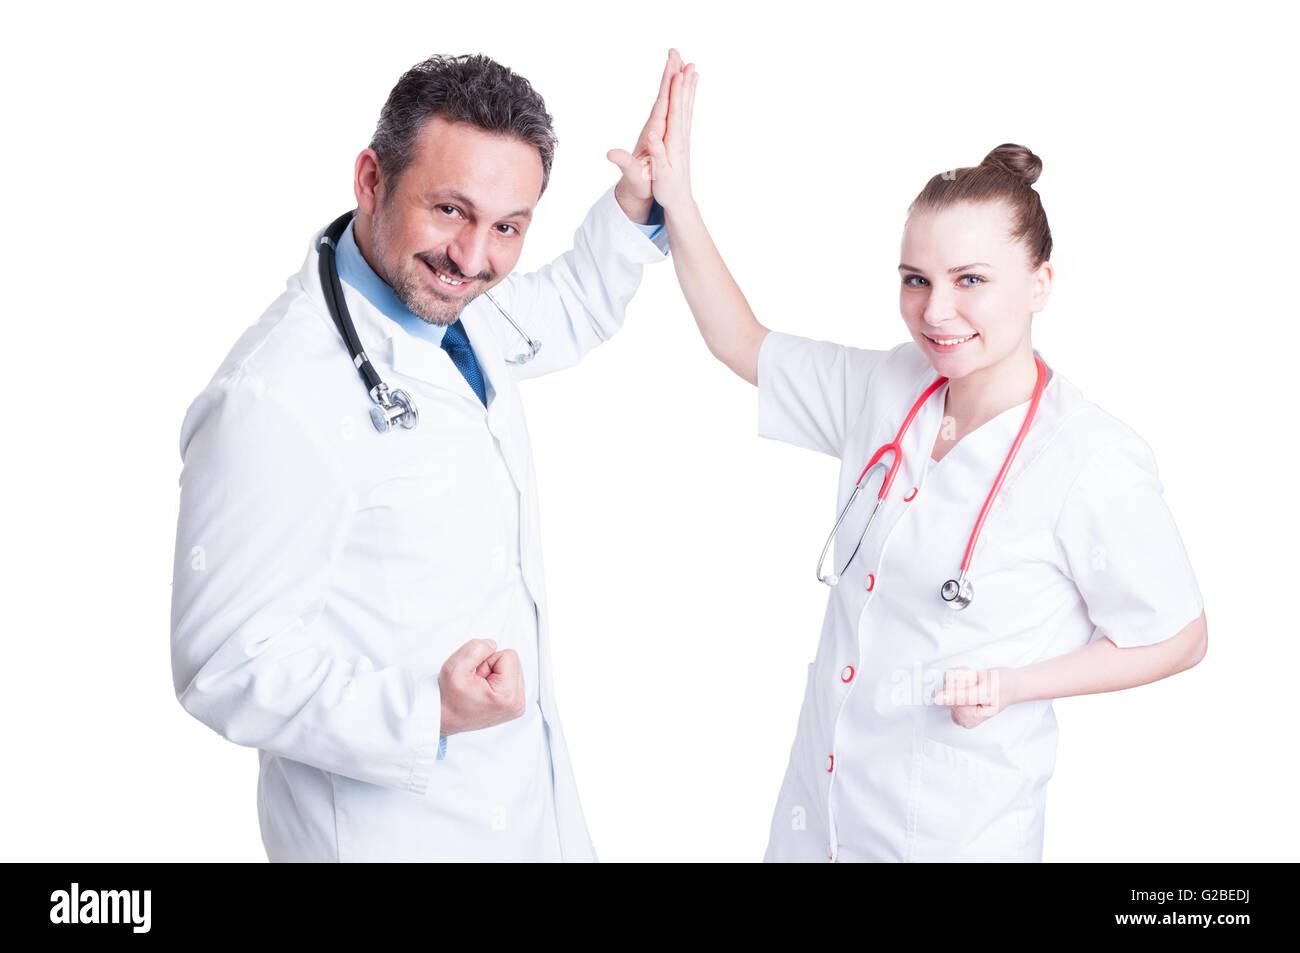 Heureuse équipe les médecins donnent cinq élevé, souriant et célébrer la réussite Photo Stock